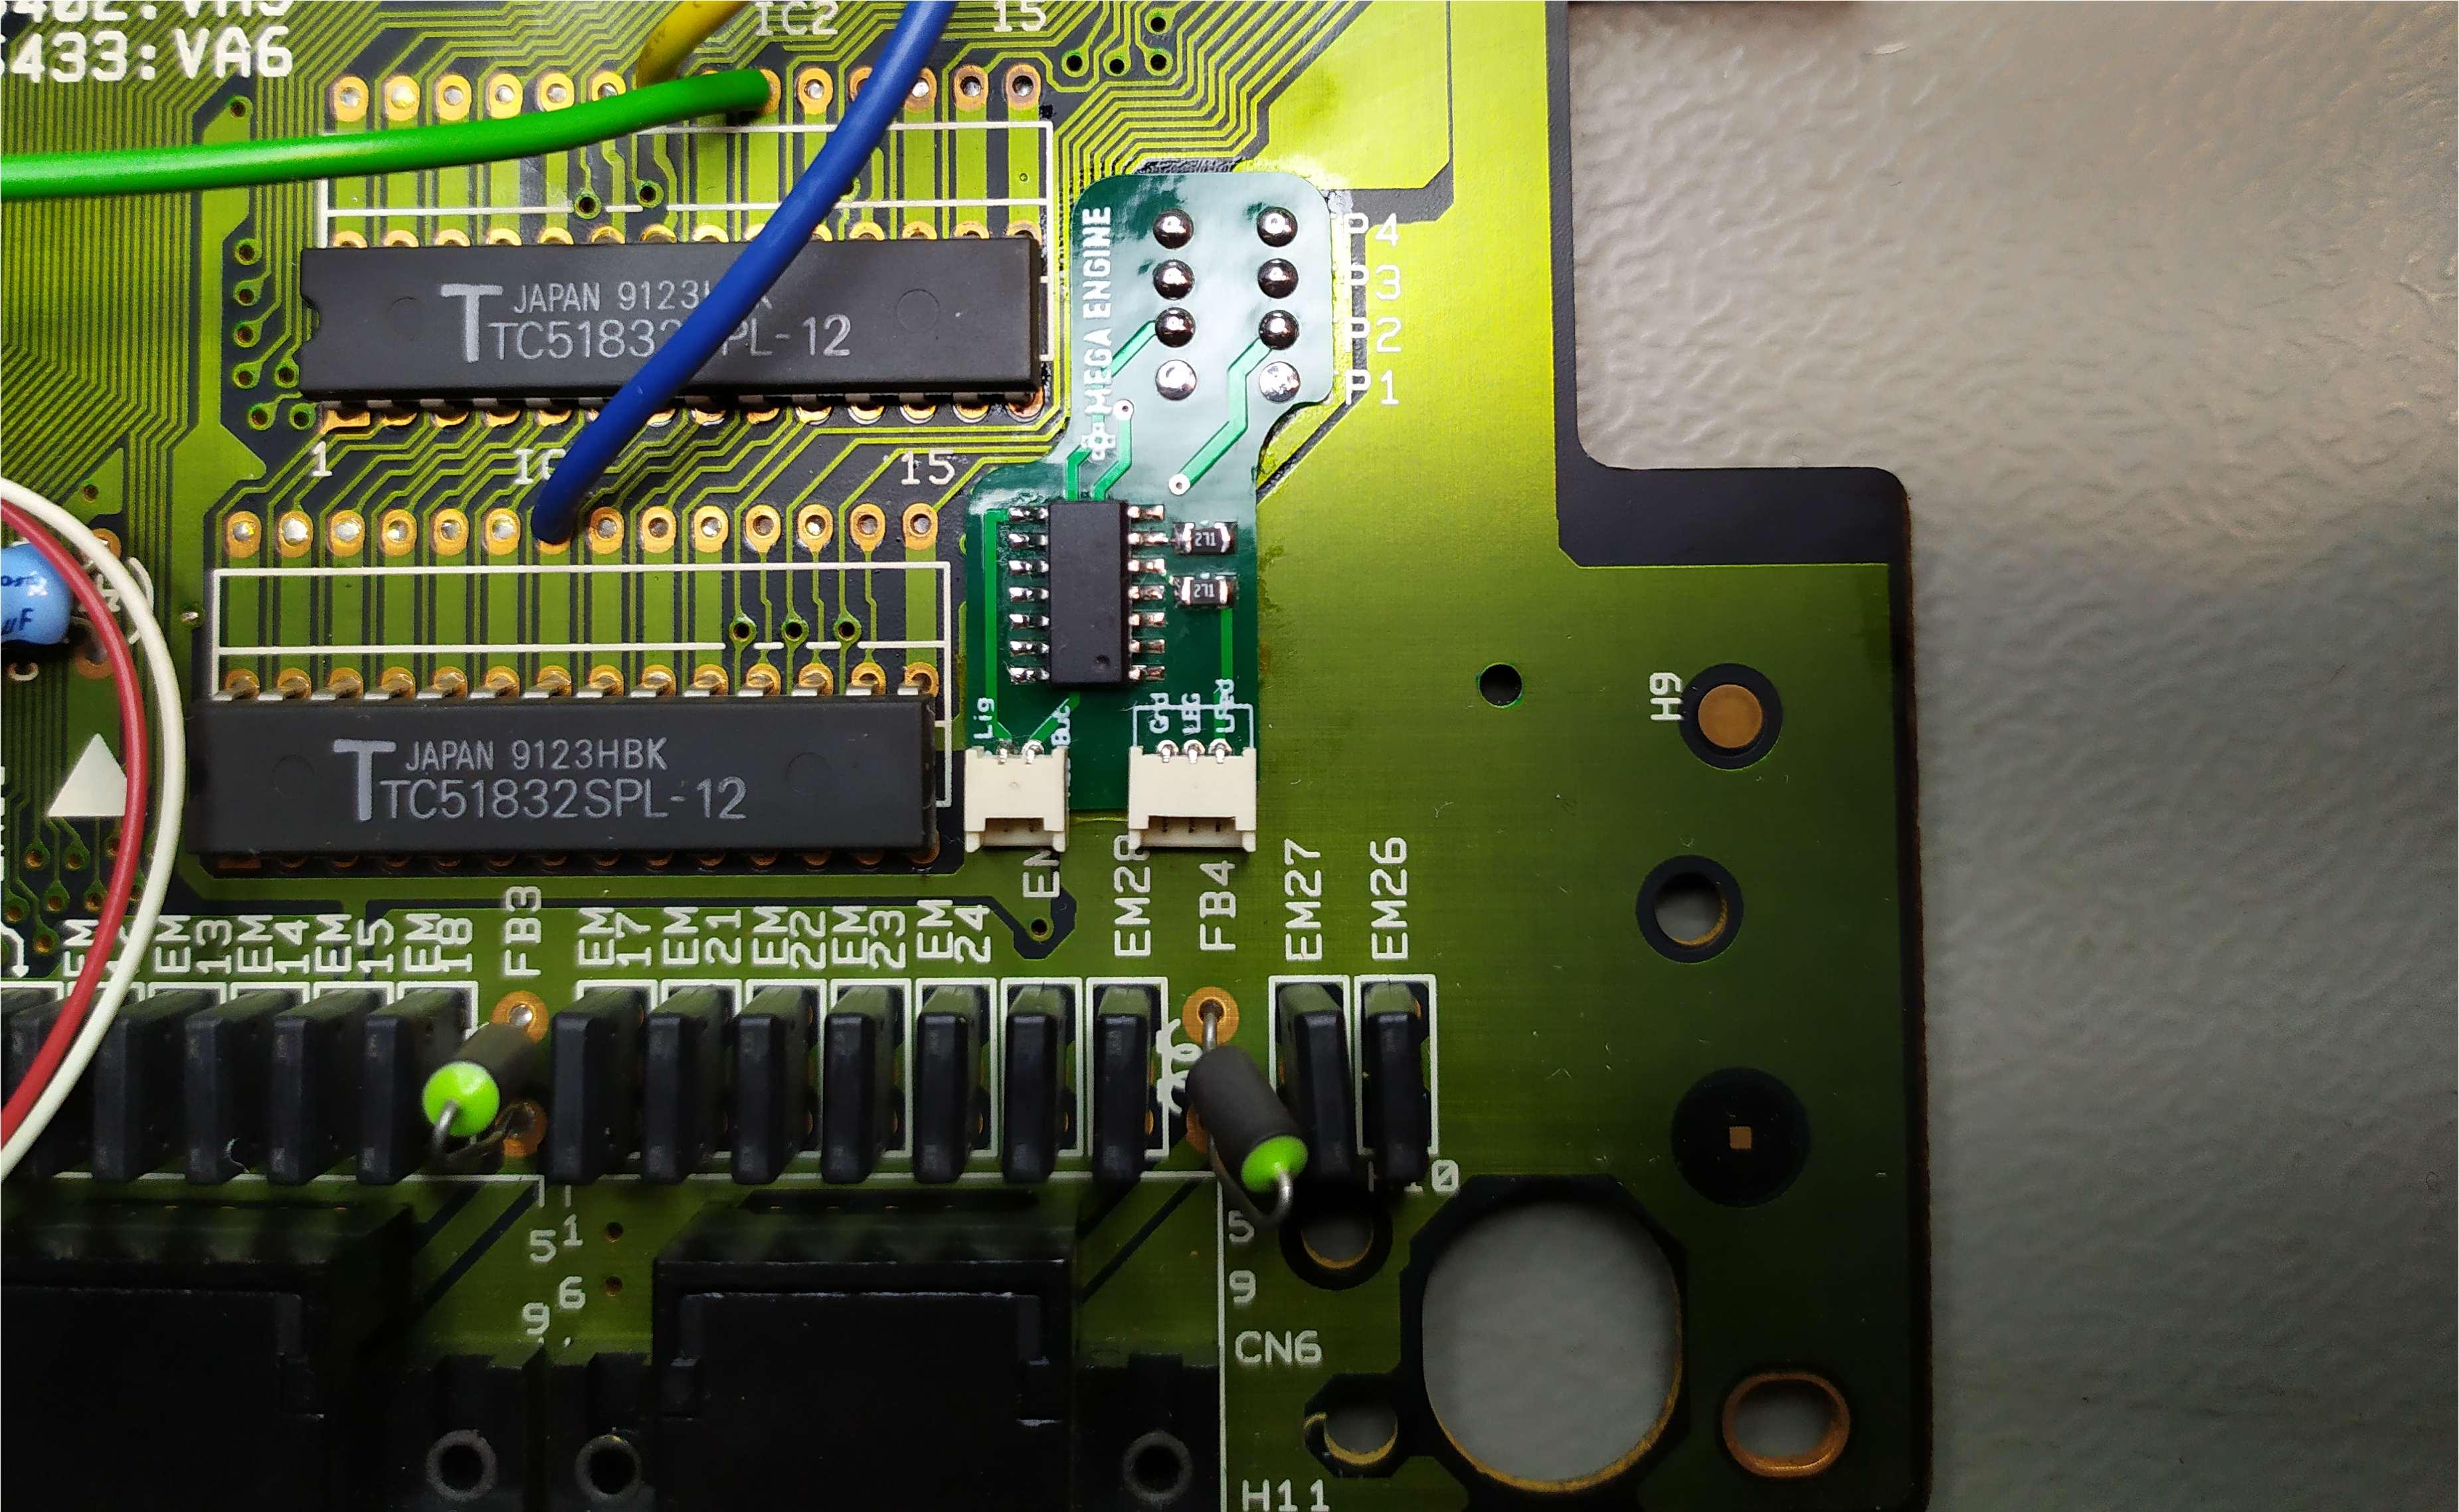 Les chroniques d'un réparateur amateur (éclairé :D) - Page 2 Image111